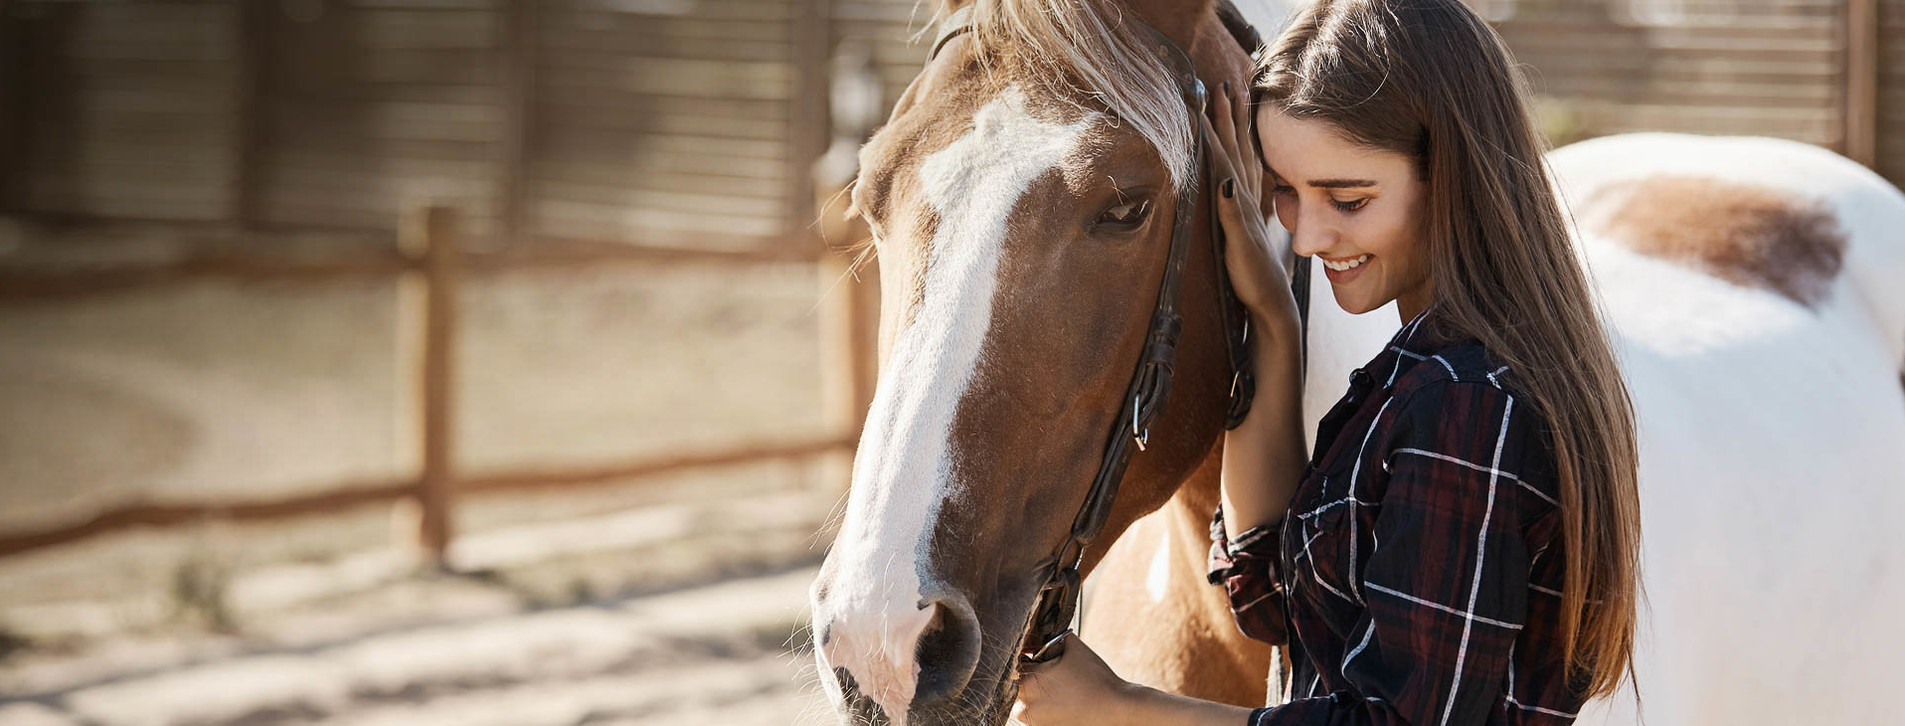 Фото 1 - Фотосесія з кіньми